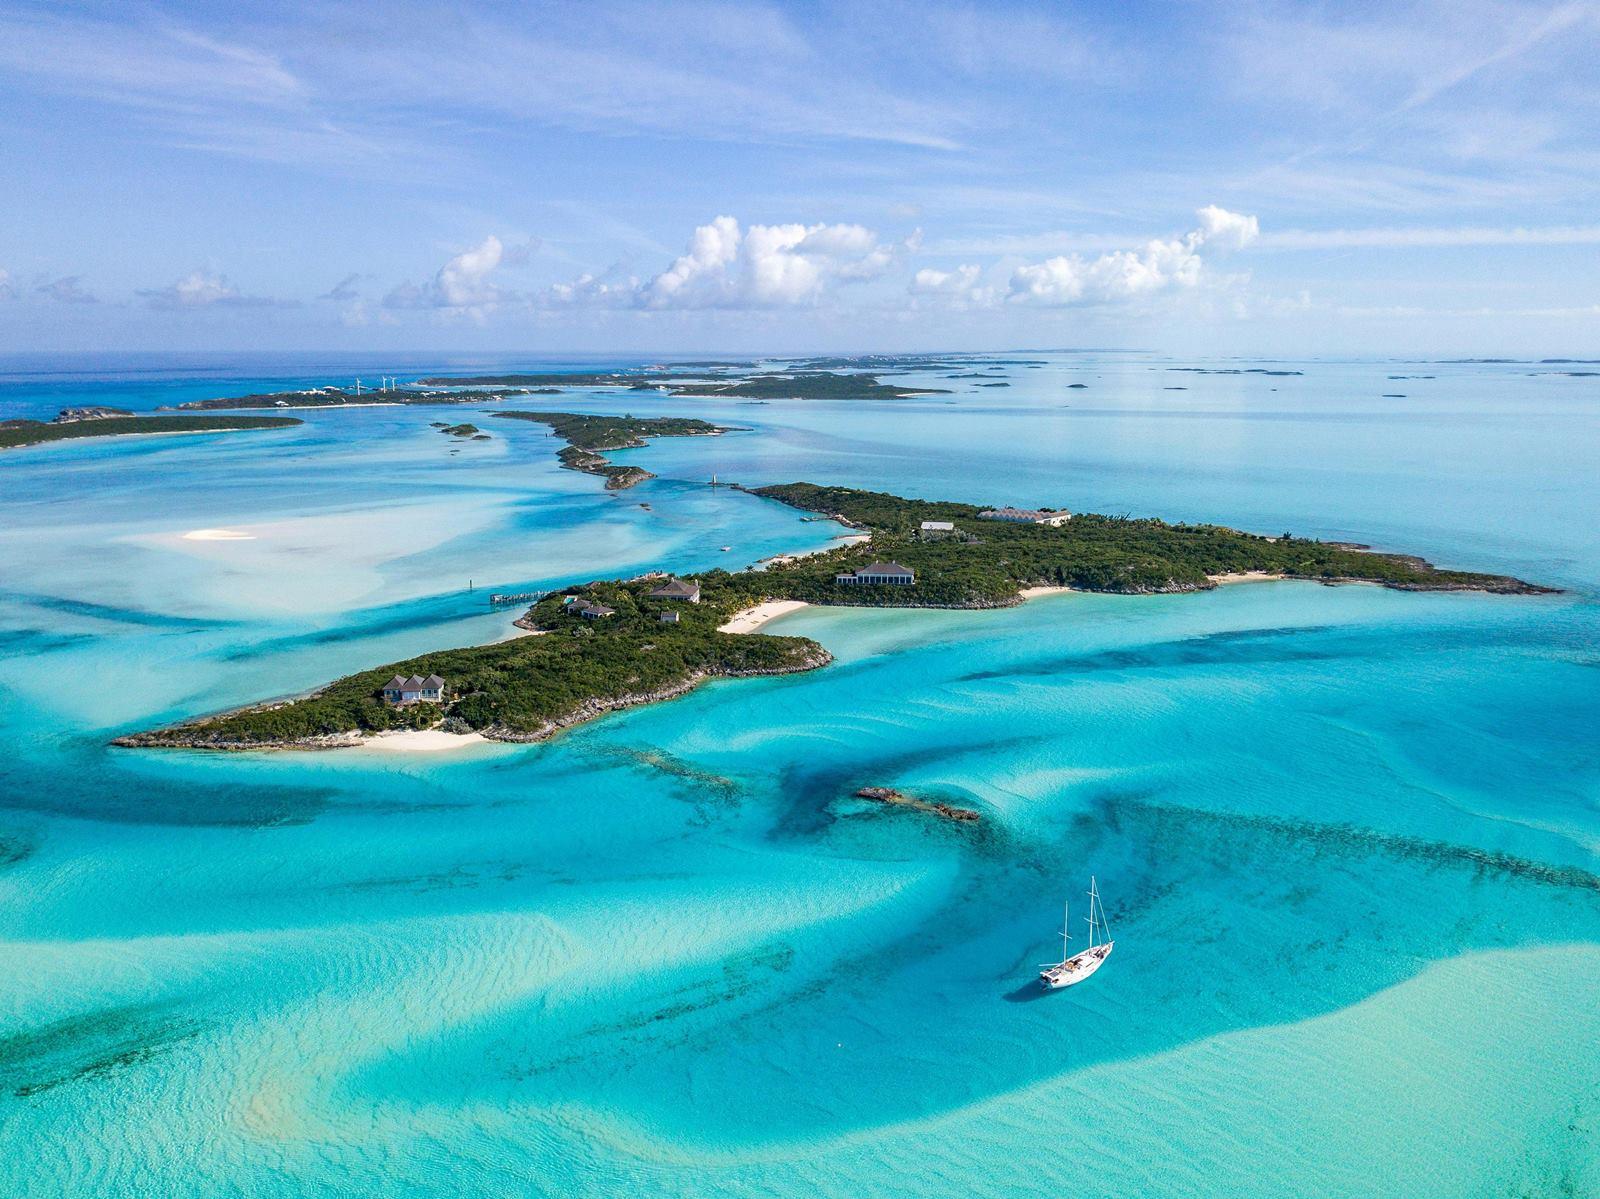 Eiland te koop voor 85.000.000 op de Bahamas 03 1